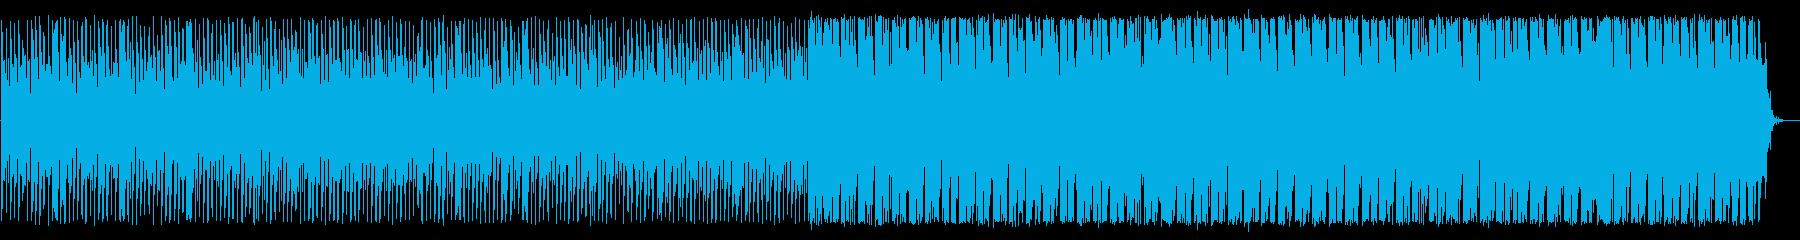 神聖で緩やかなスピリチュアルリフサウンドの再生済みの波形